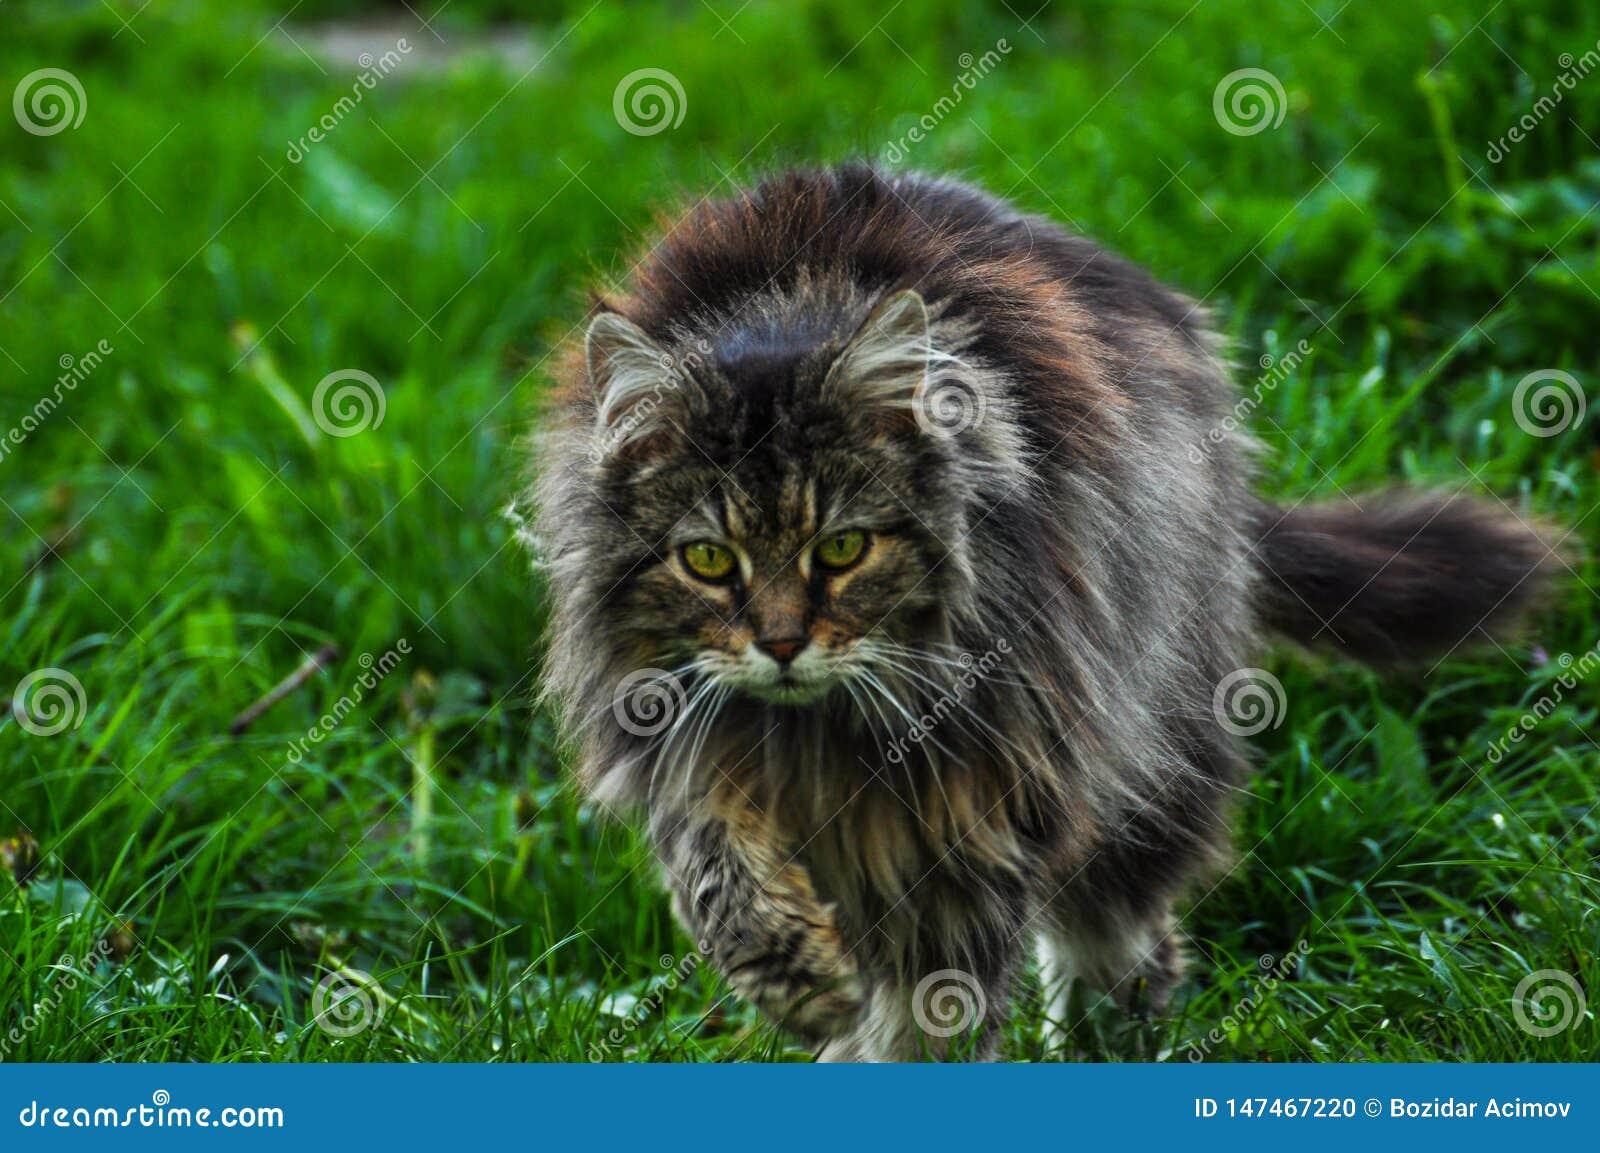 Animali Da Esterno bello gatto grigio che cammina sull'erba verde gray cat